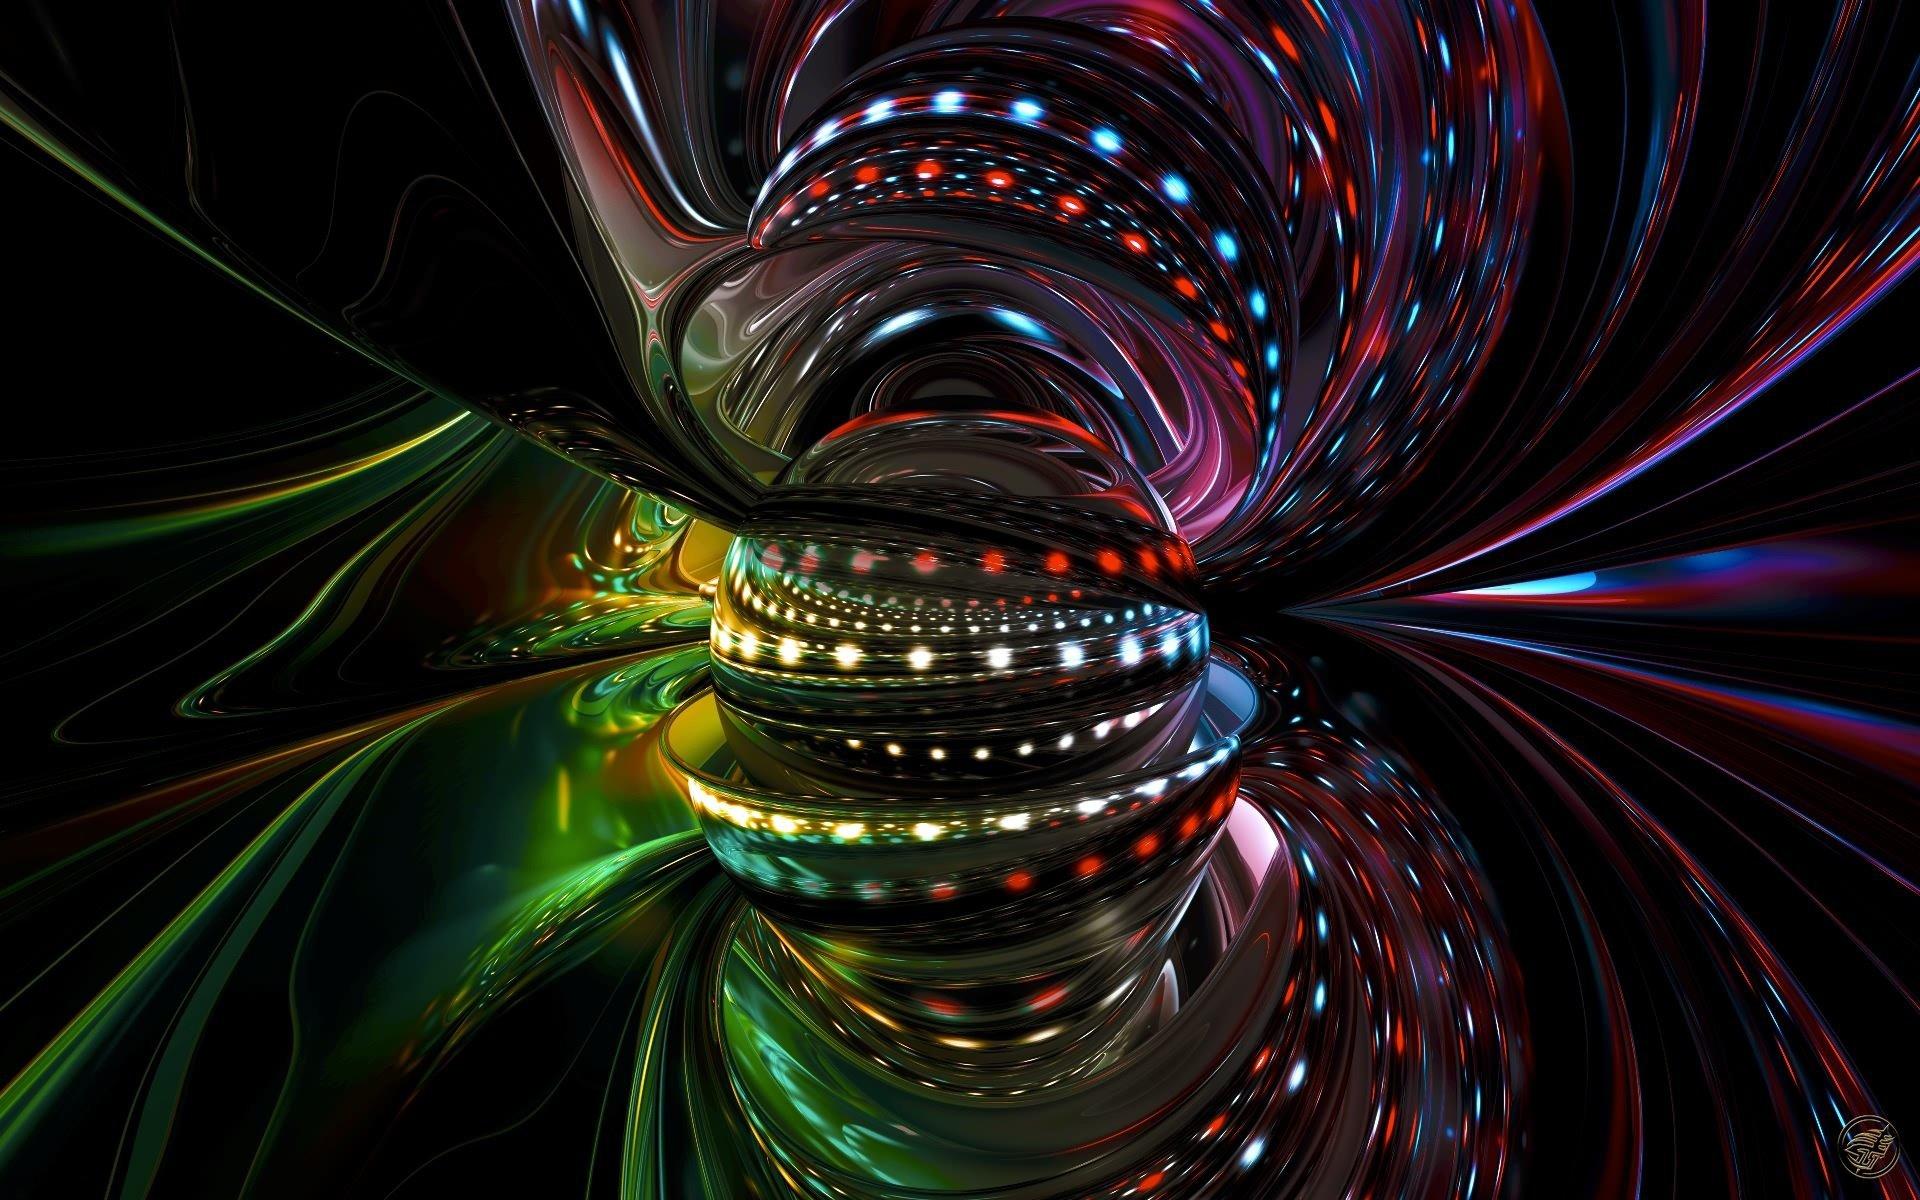 Dynamic desktop wallpaper wallpapersafari for Immagini astratte hd